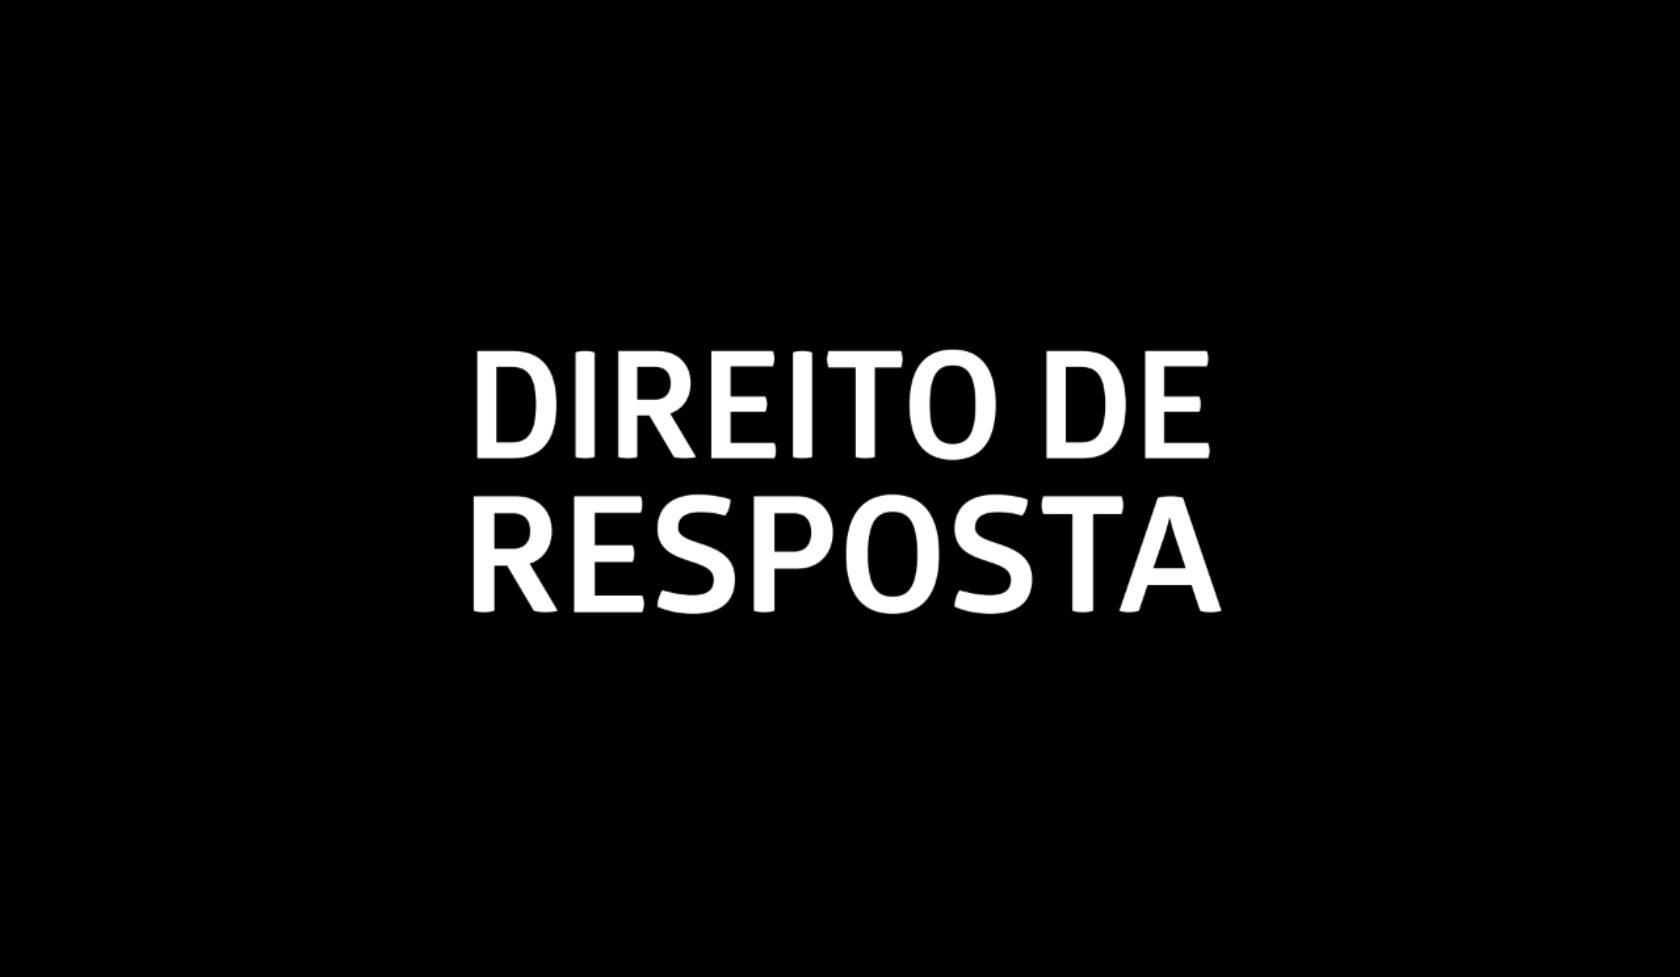 direito-resposta